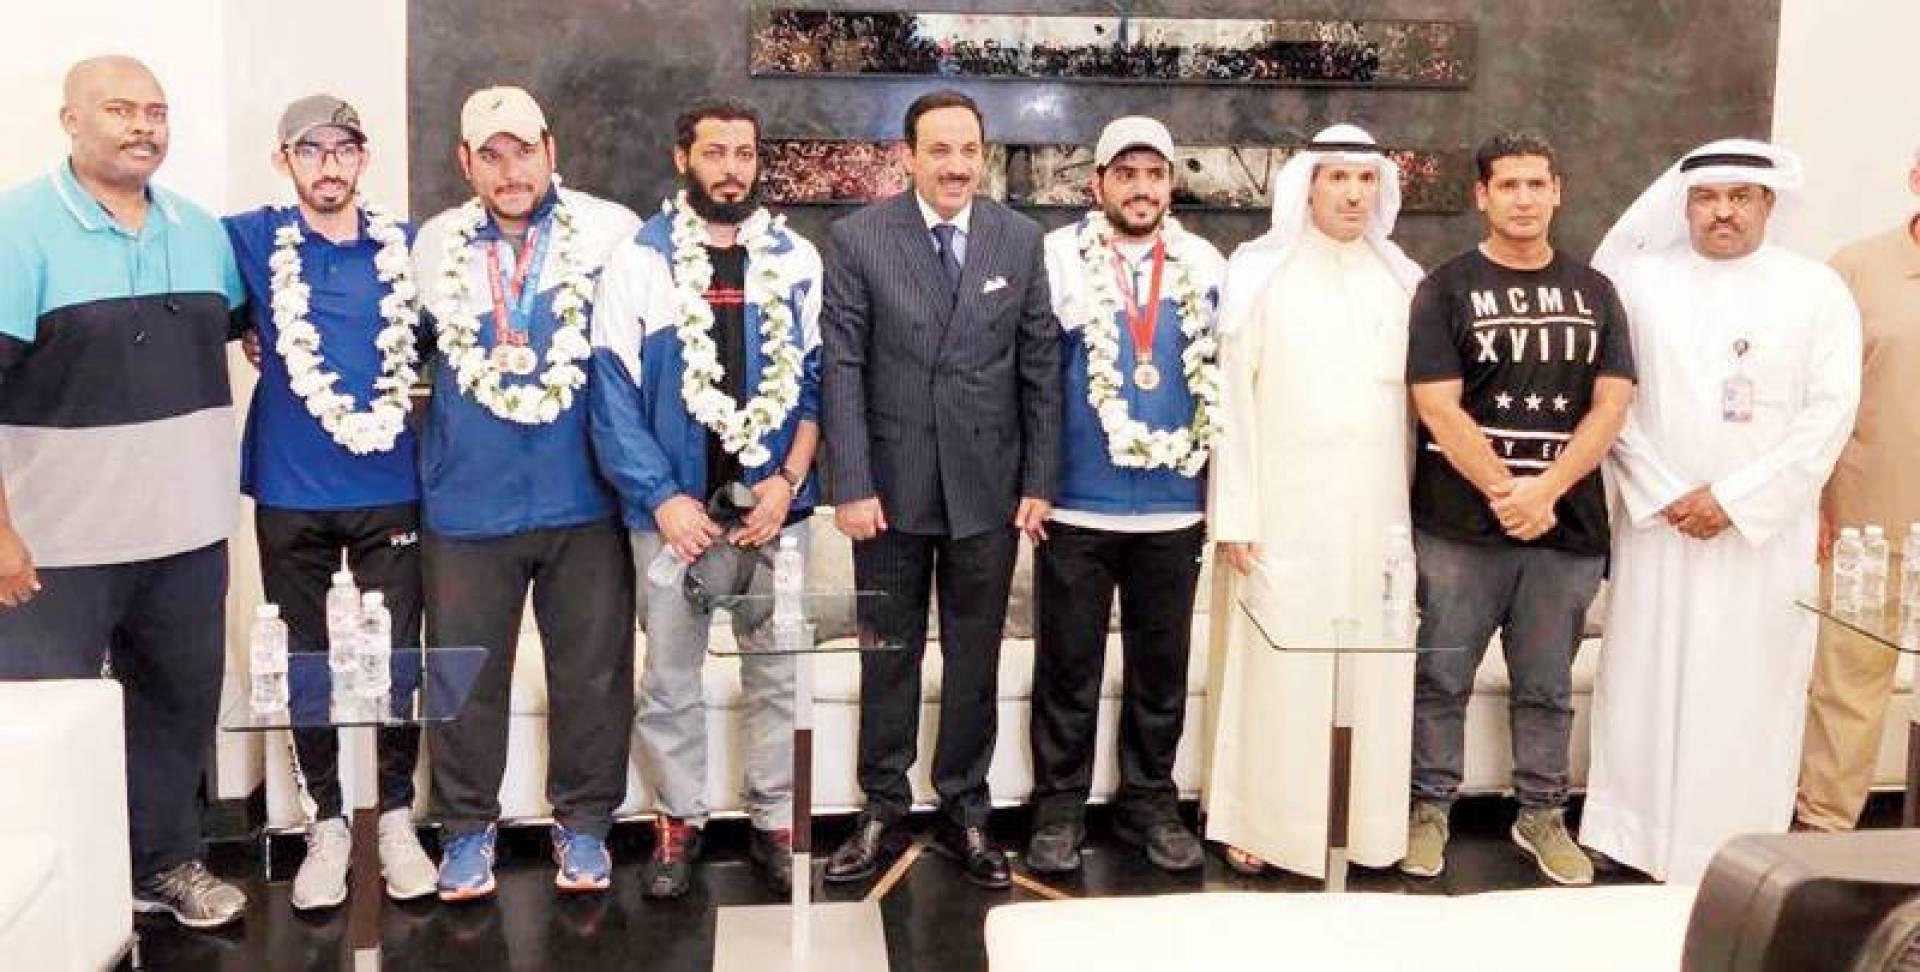 صورة جماعية لرماة الكويت مع العتيبي والعصيمي | كونا